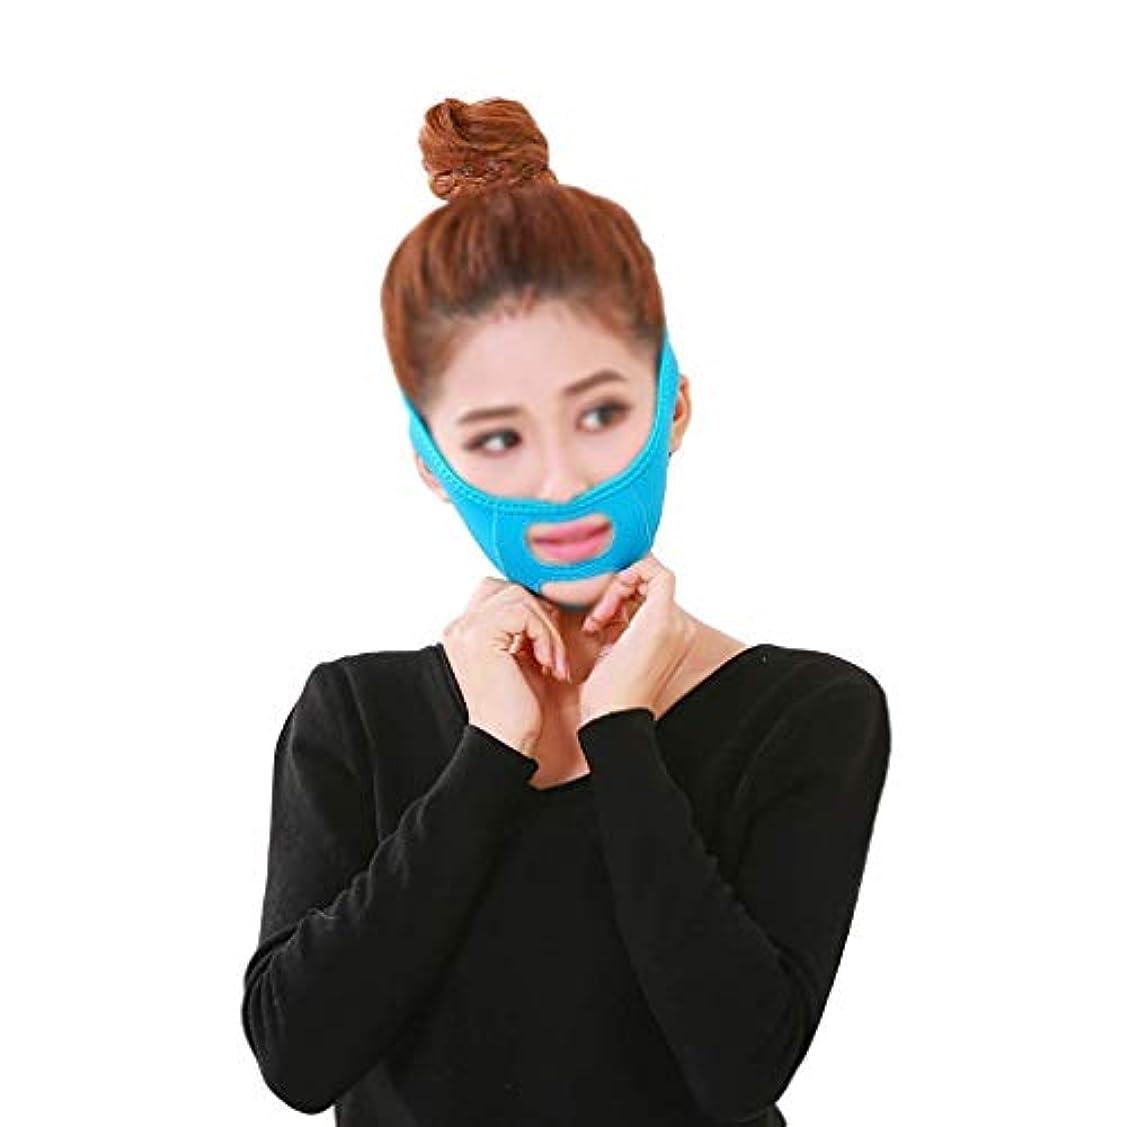 保証歩行者キャンバスフェイスリフトフェイシャル、肌のリラクゼーションを防ぐためのタイトなVフェイスマスクVフェイスアーティファクトフェイスリフトバンデージフェイスケア(色:青)